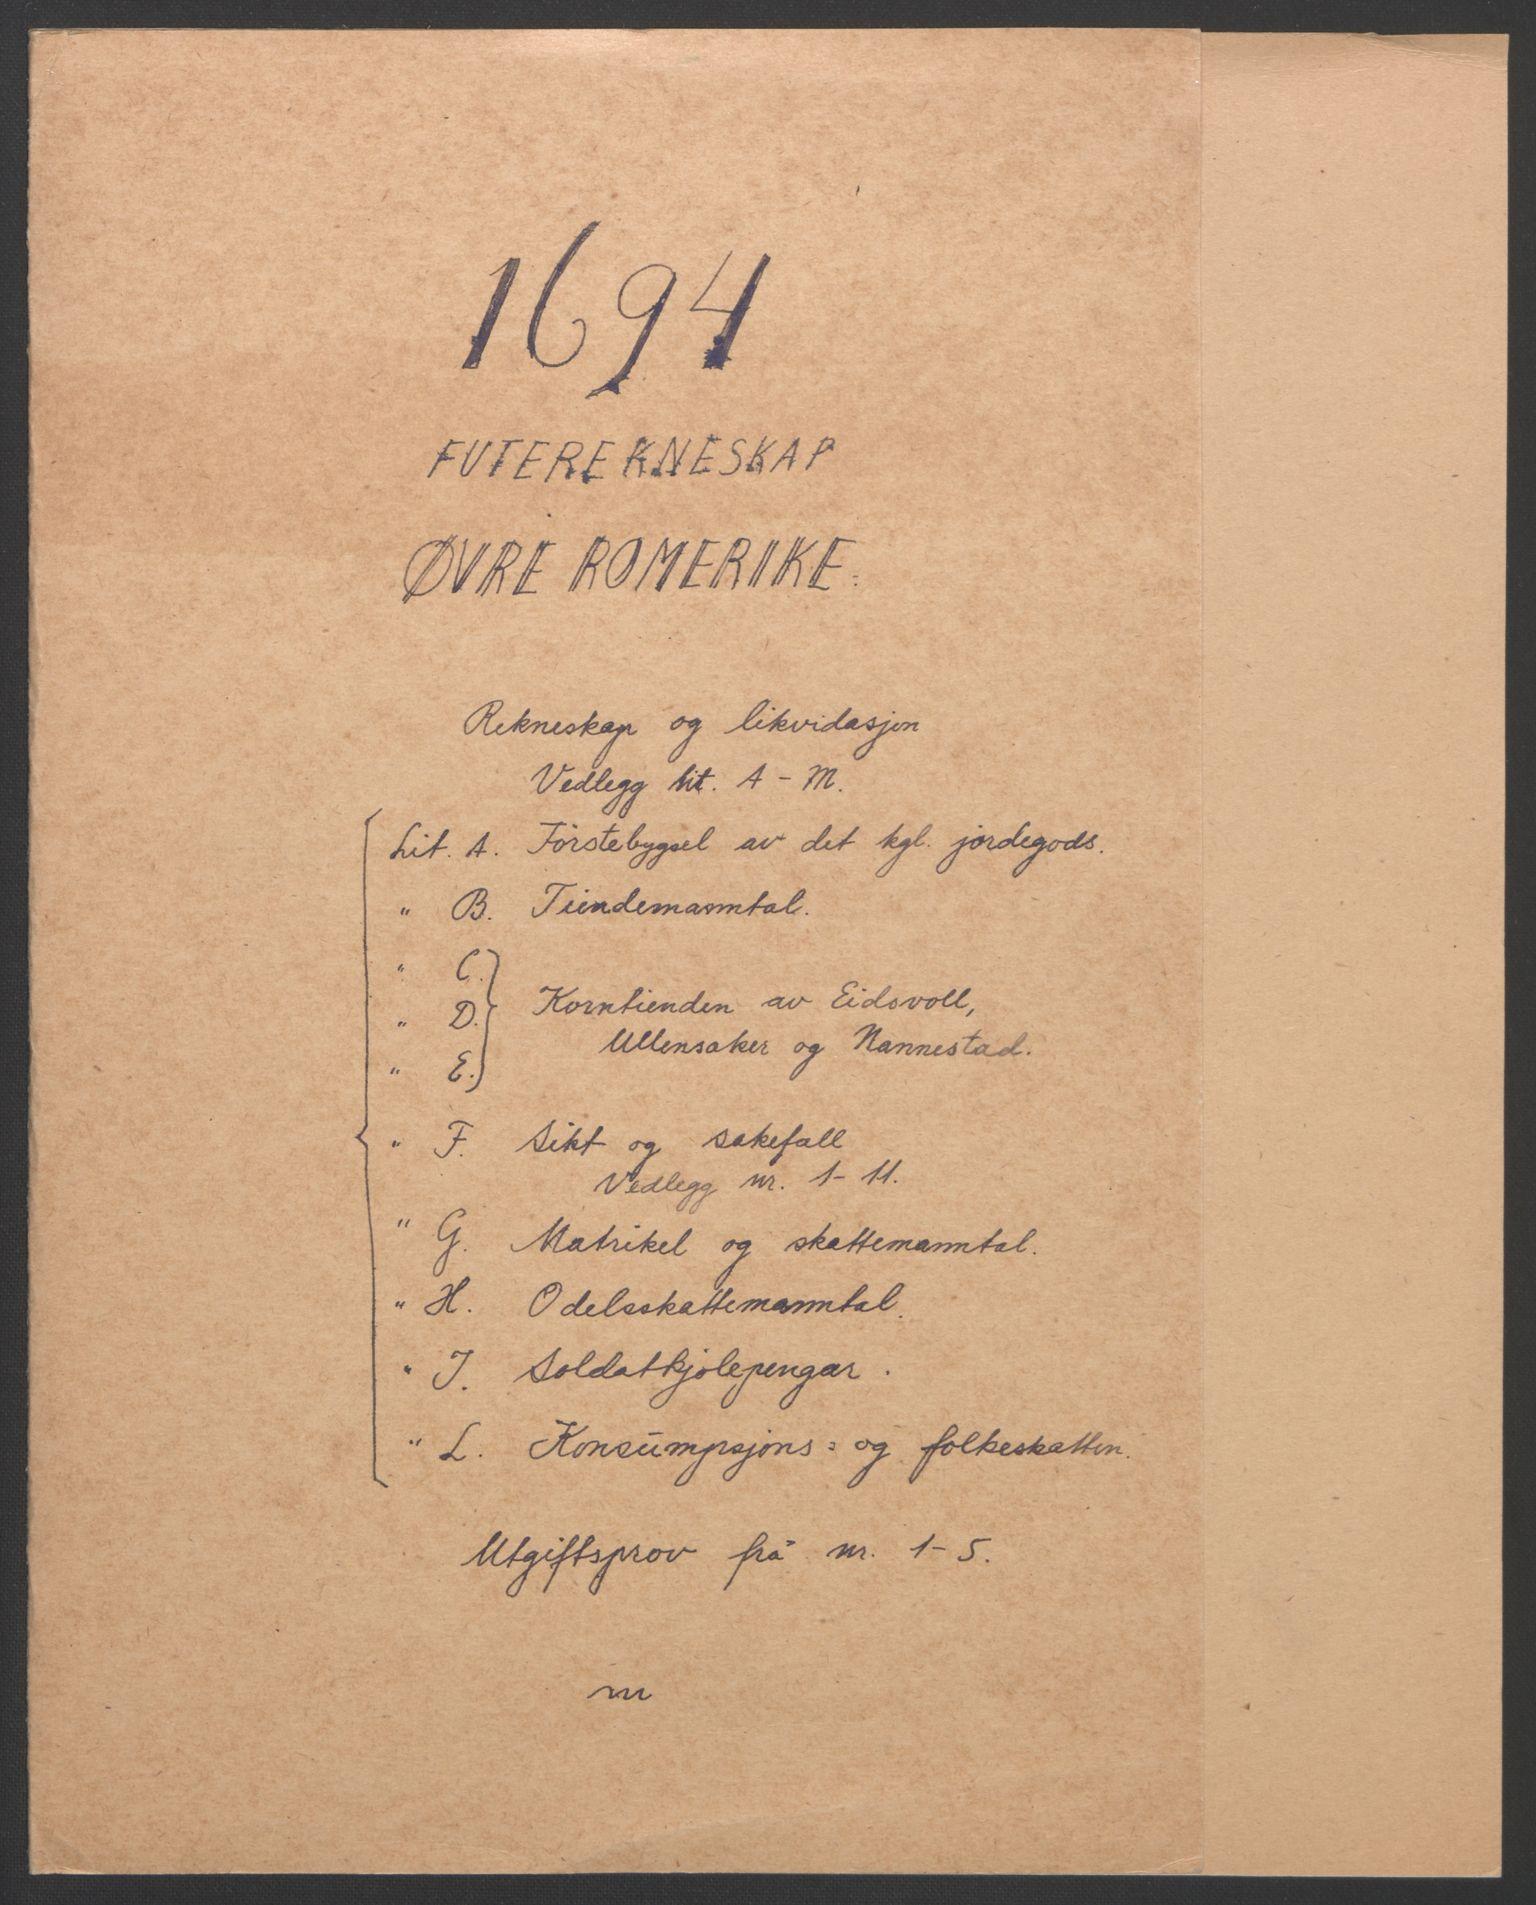 RA, Rentekammeret inntil 1814, Reviderte regnskaper, Fogderegnskap, R12/L0706: Fogderegnskap Øvre Romerike, 1694, s. 2